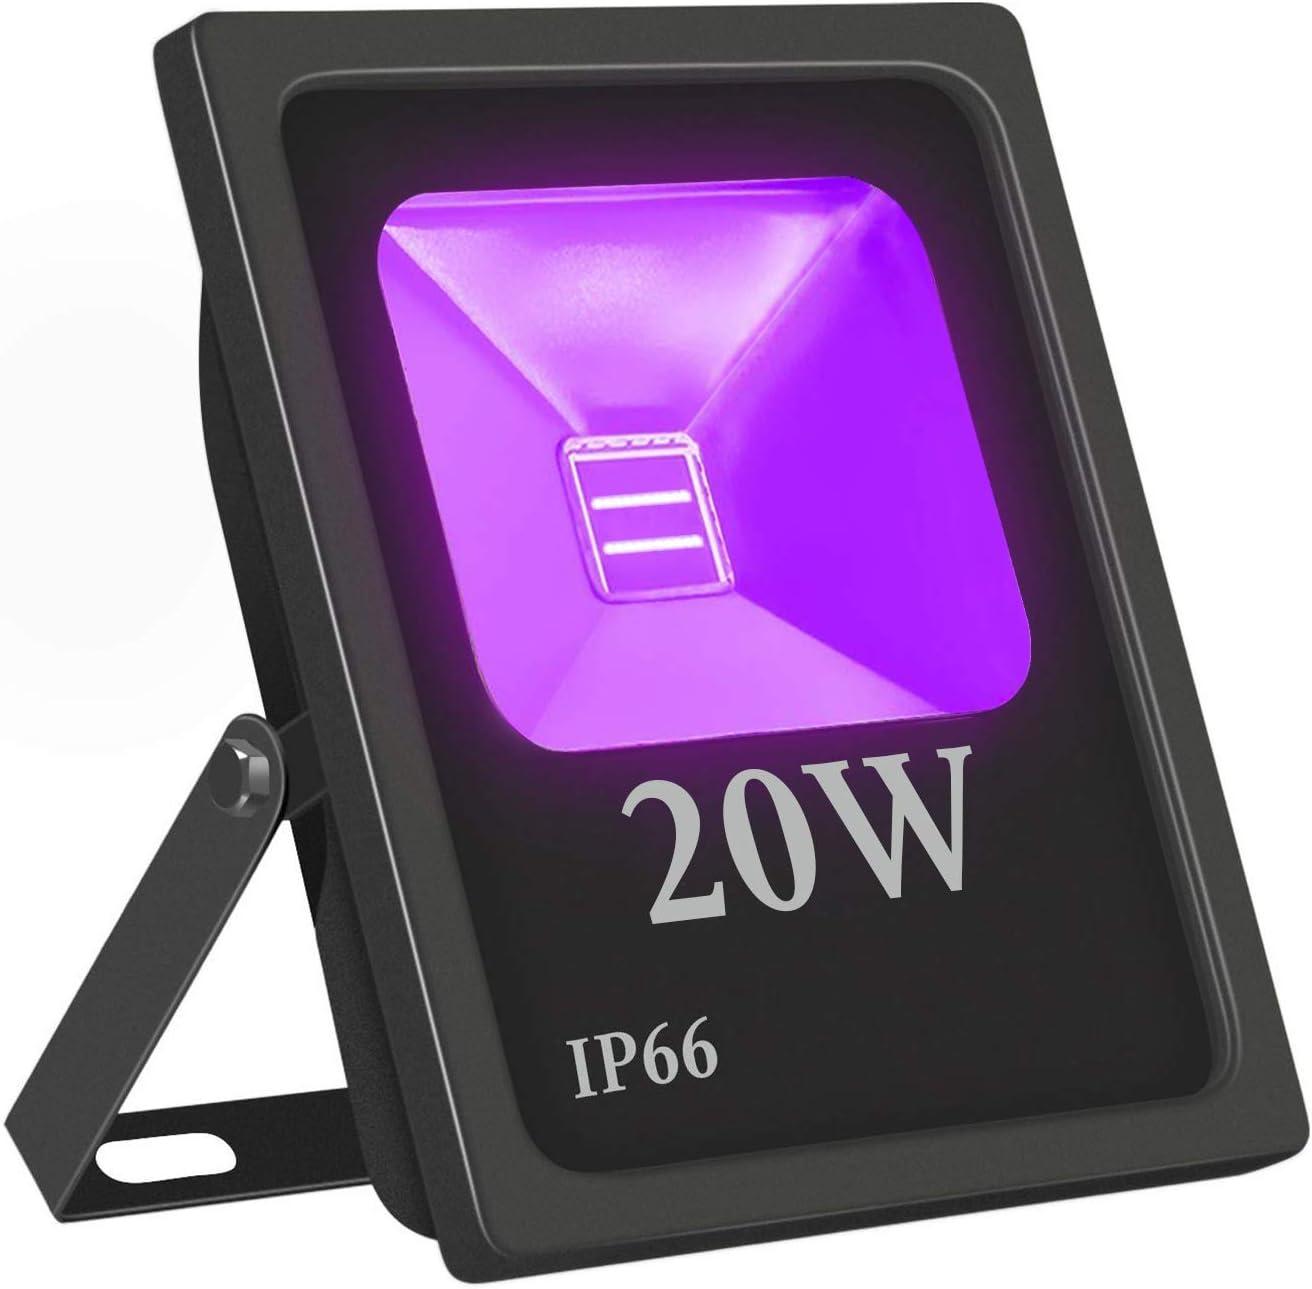 UV Led Luz de Inundación,Eleganted Impermeable IP66 Blacklights Luces Negra 20W Lámpara Led para Fiesta Art Pintura Centro de exposiciones Pescar Acuario